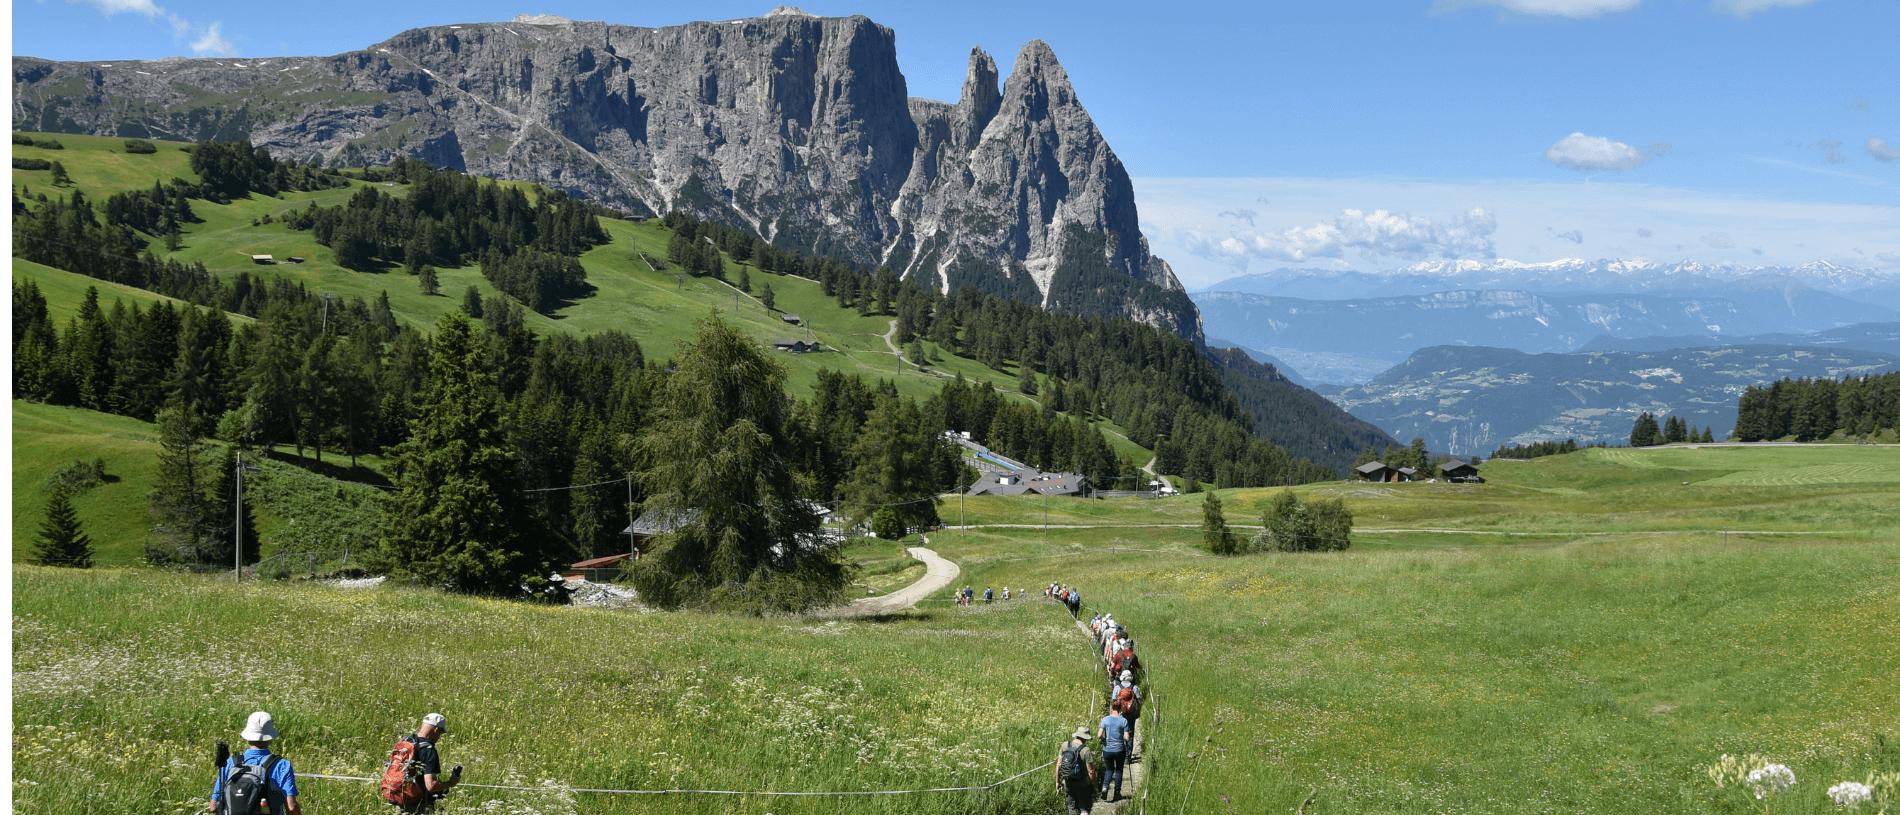 Wandelvakanties inclusief begeleiding over de mooiste wandelroutes